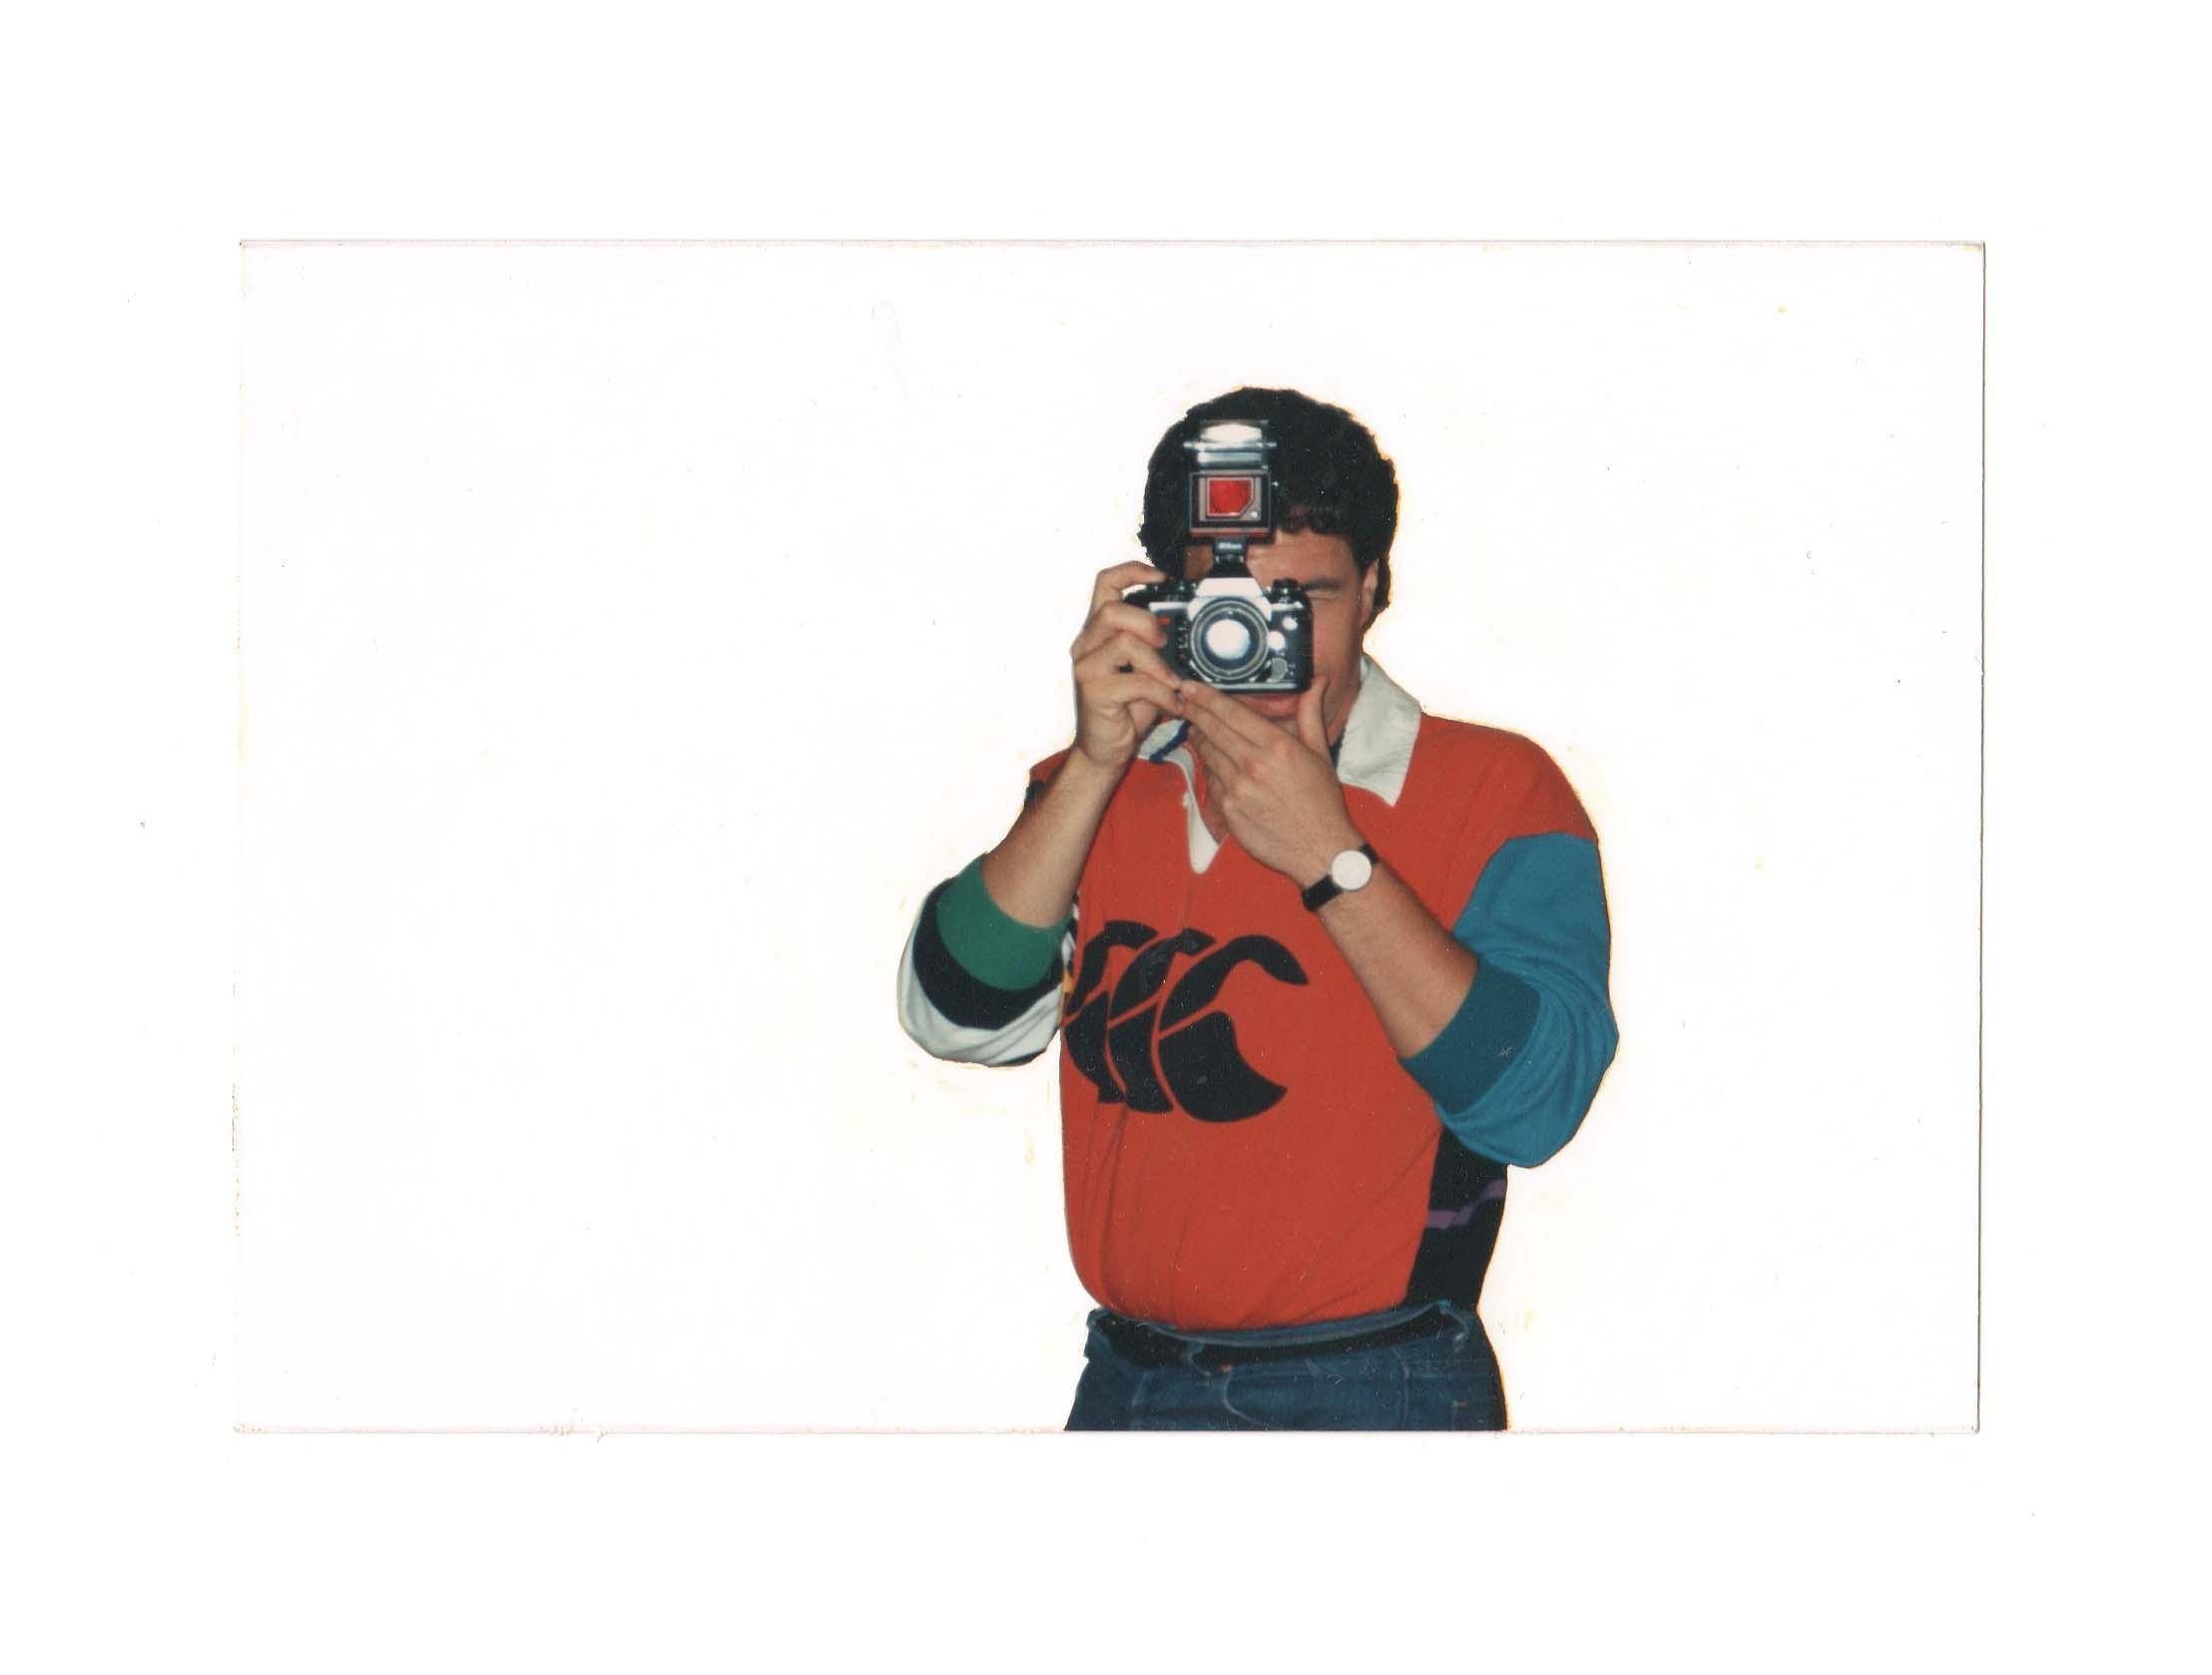 Photographer 7